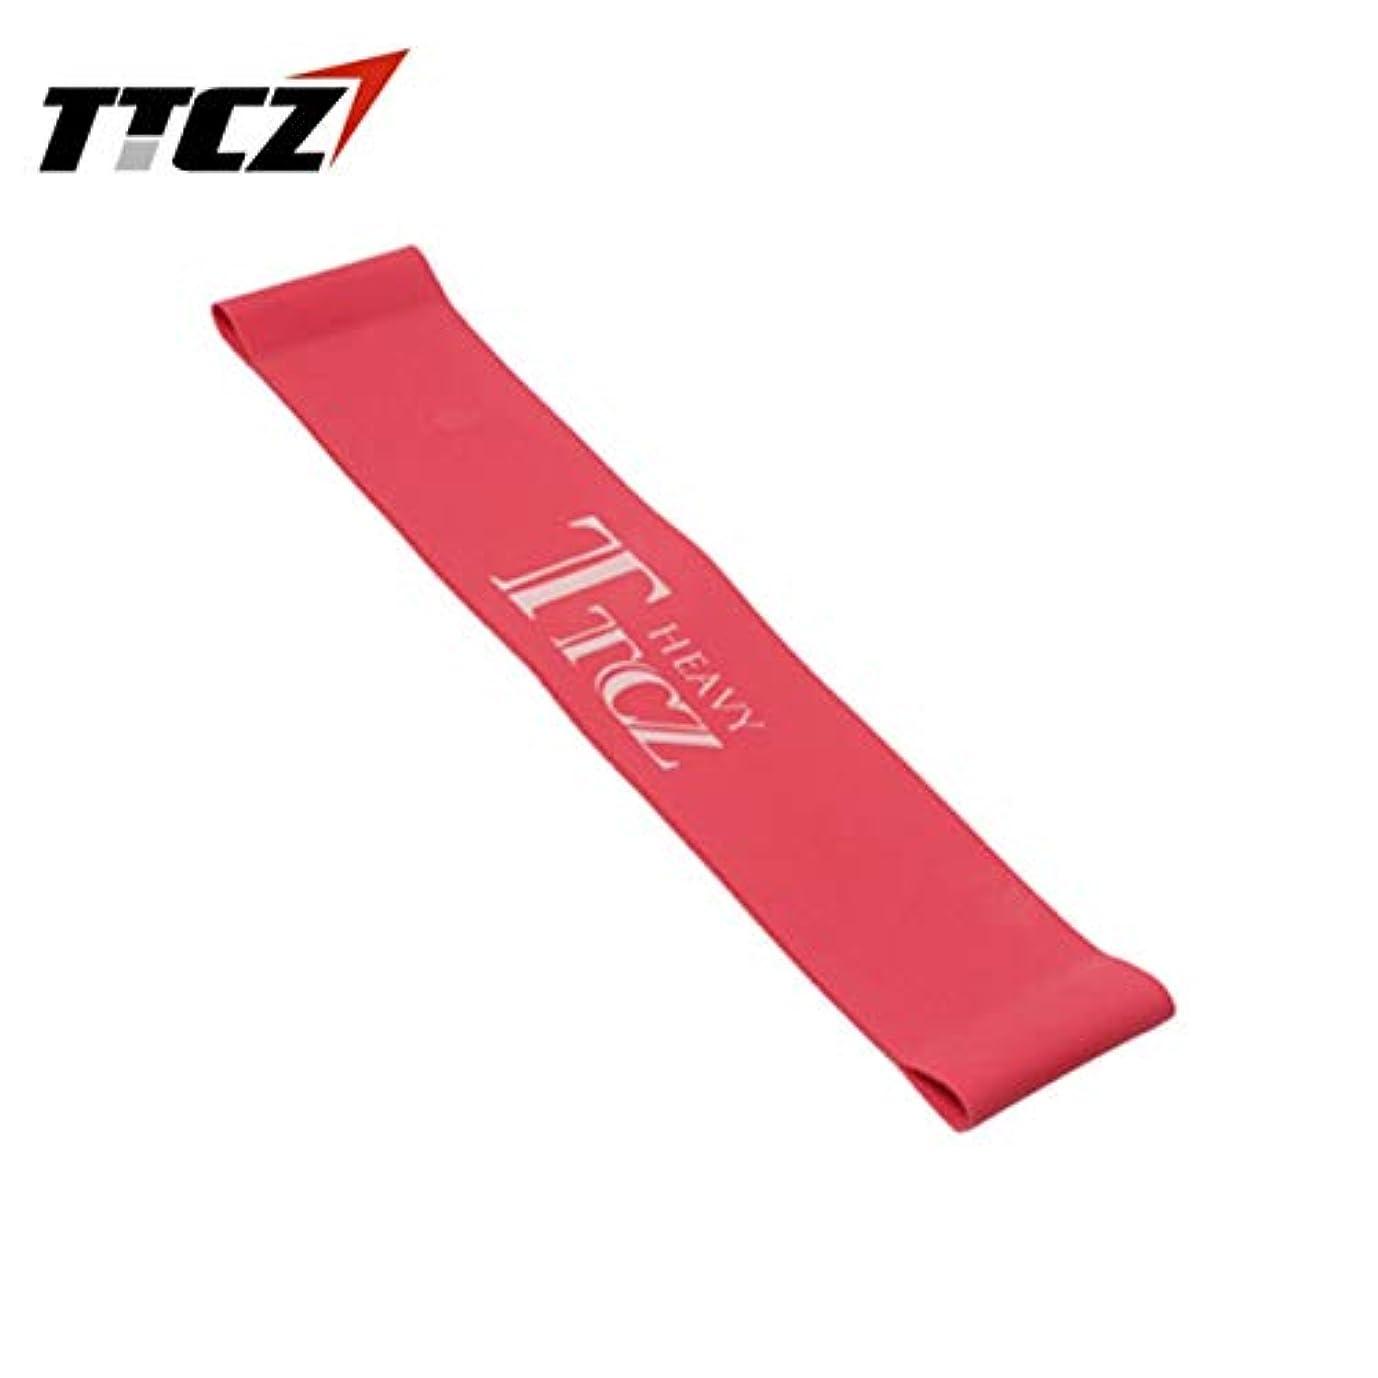 ジュラシックパーク指定評価弾性張力抵抗バンドエクササイズワークラバーループバンドボディービル筋肉トレーニングエキスパンダーヨガフィットネス機器 - 赤